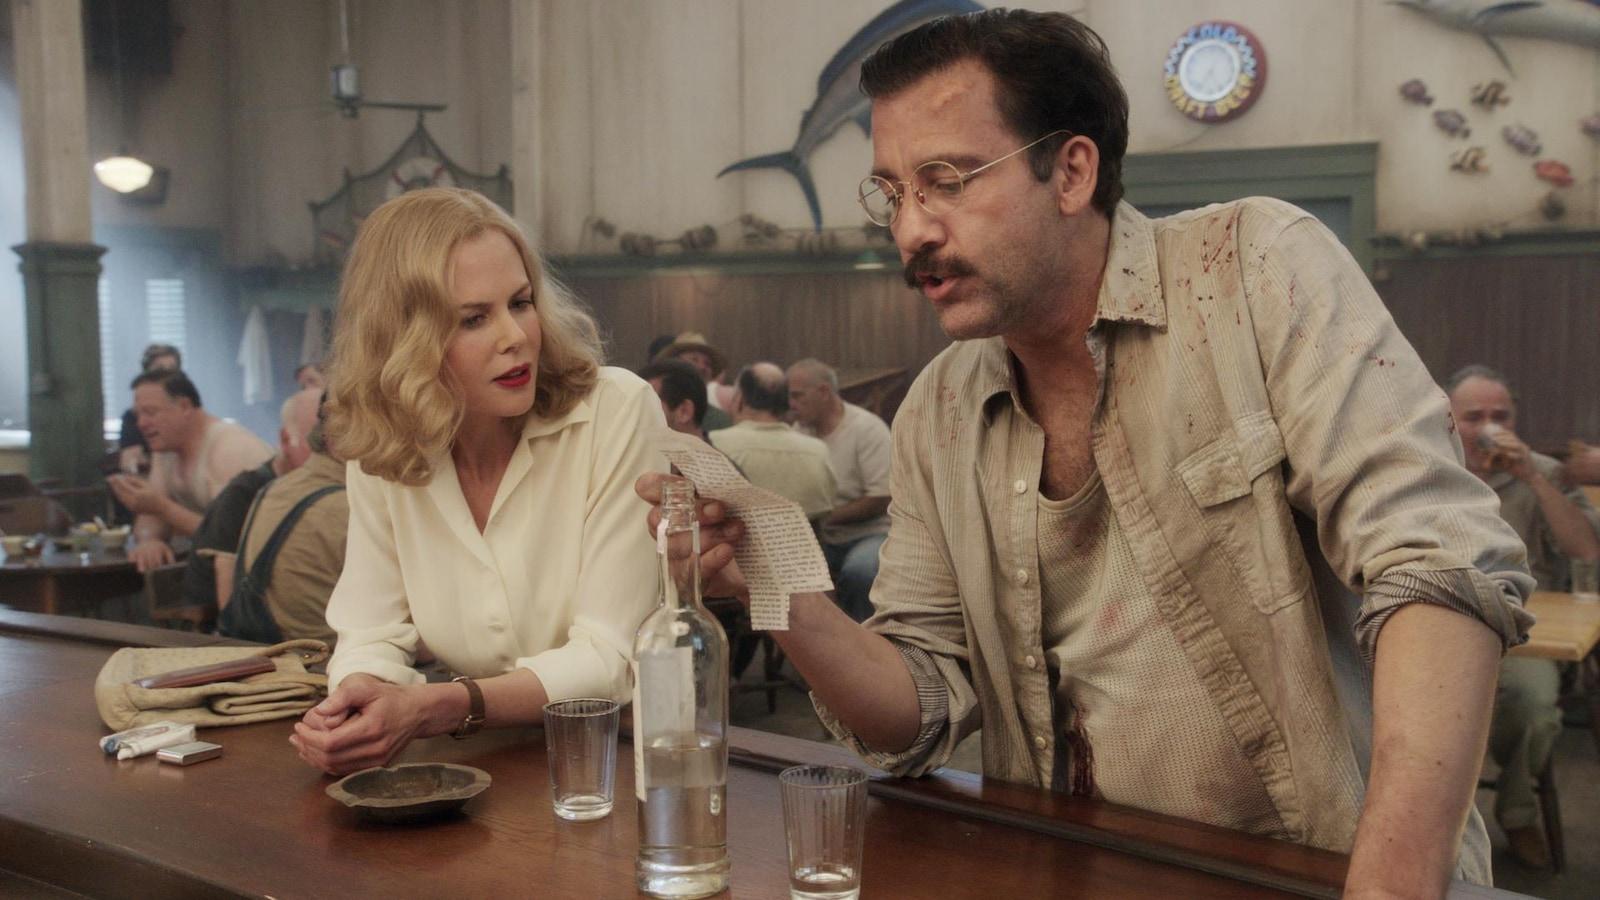 Une femme et un homme attablés à un comptoir de bar.